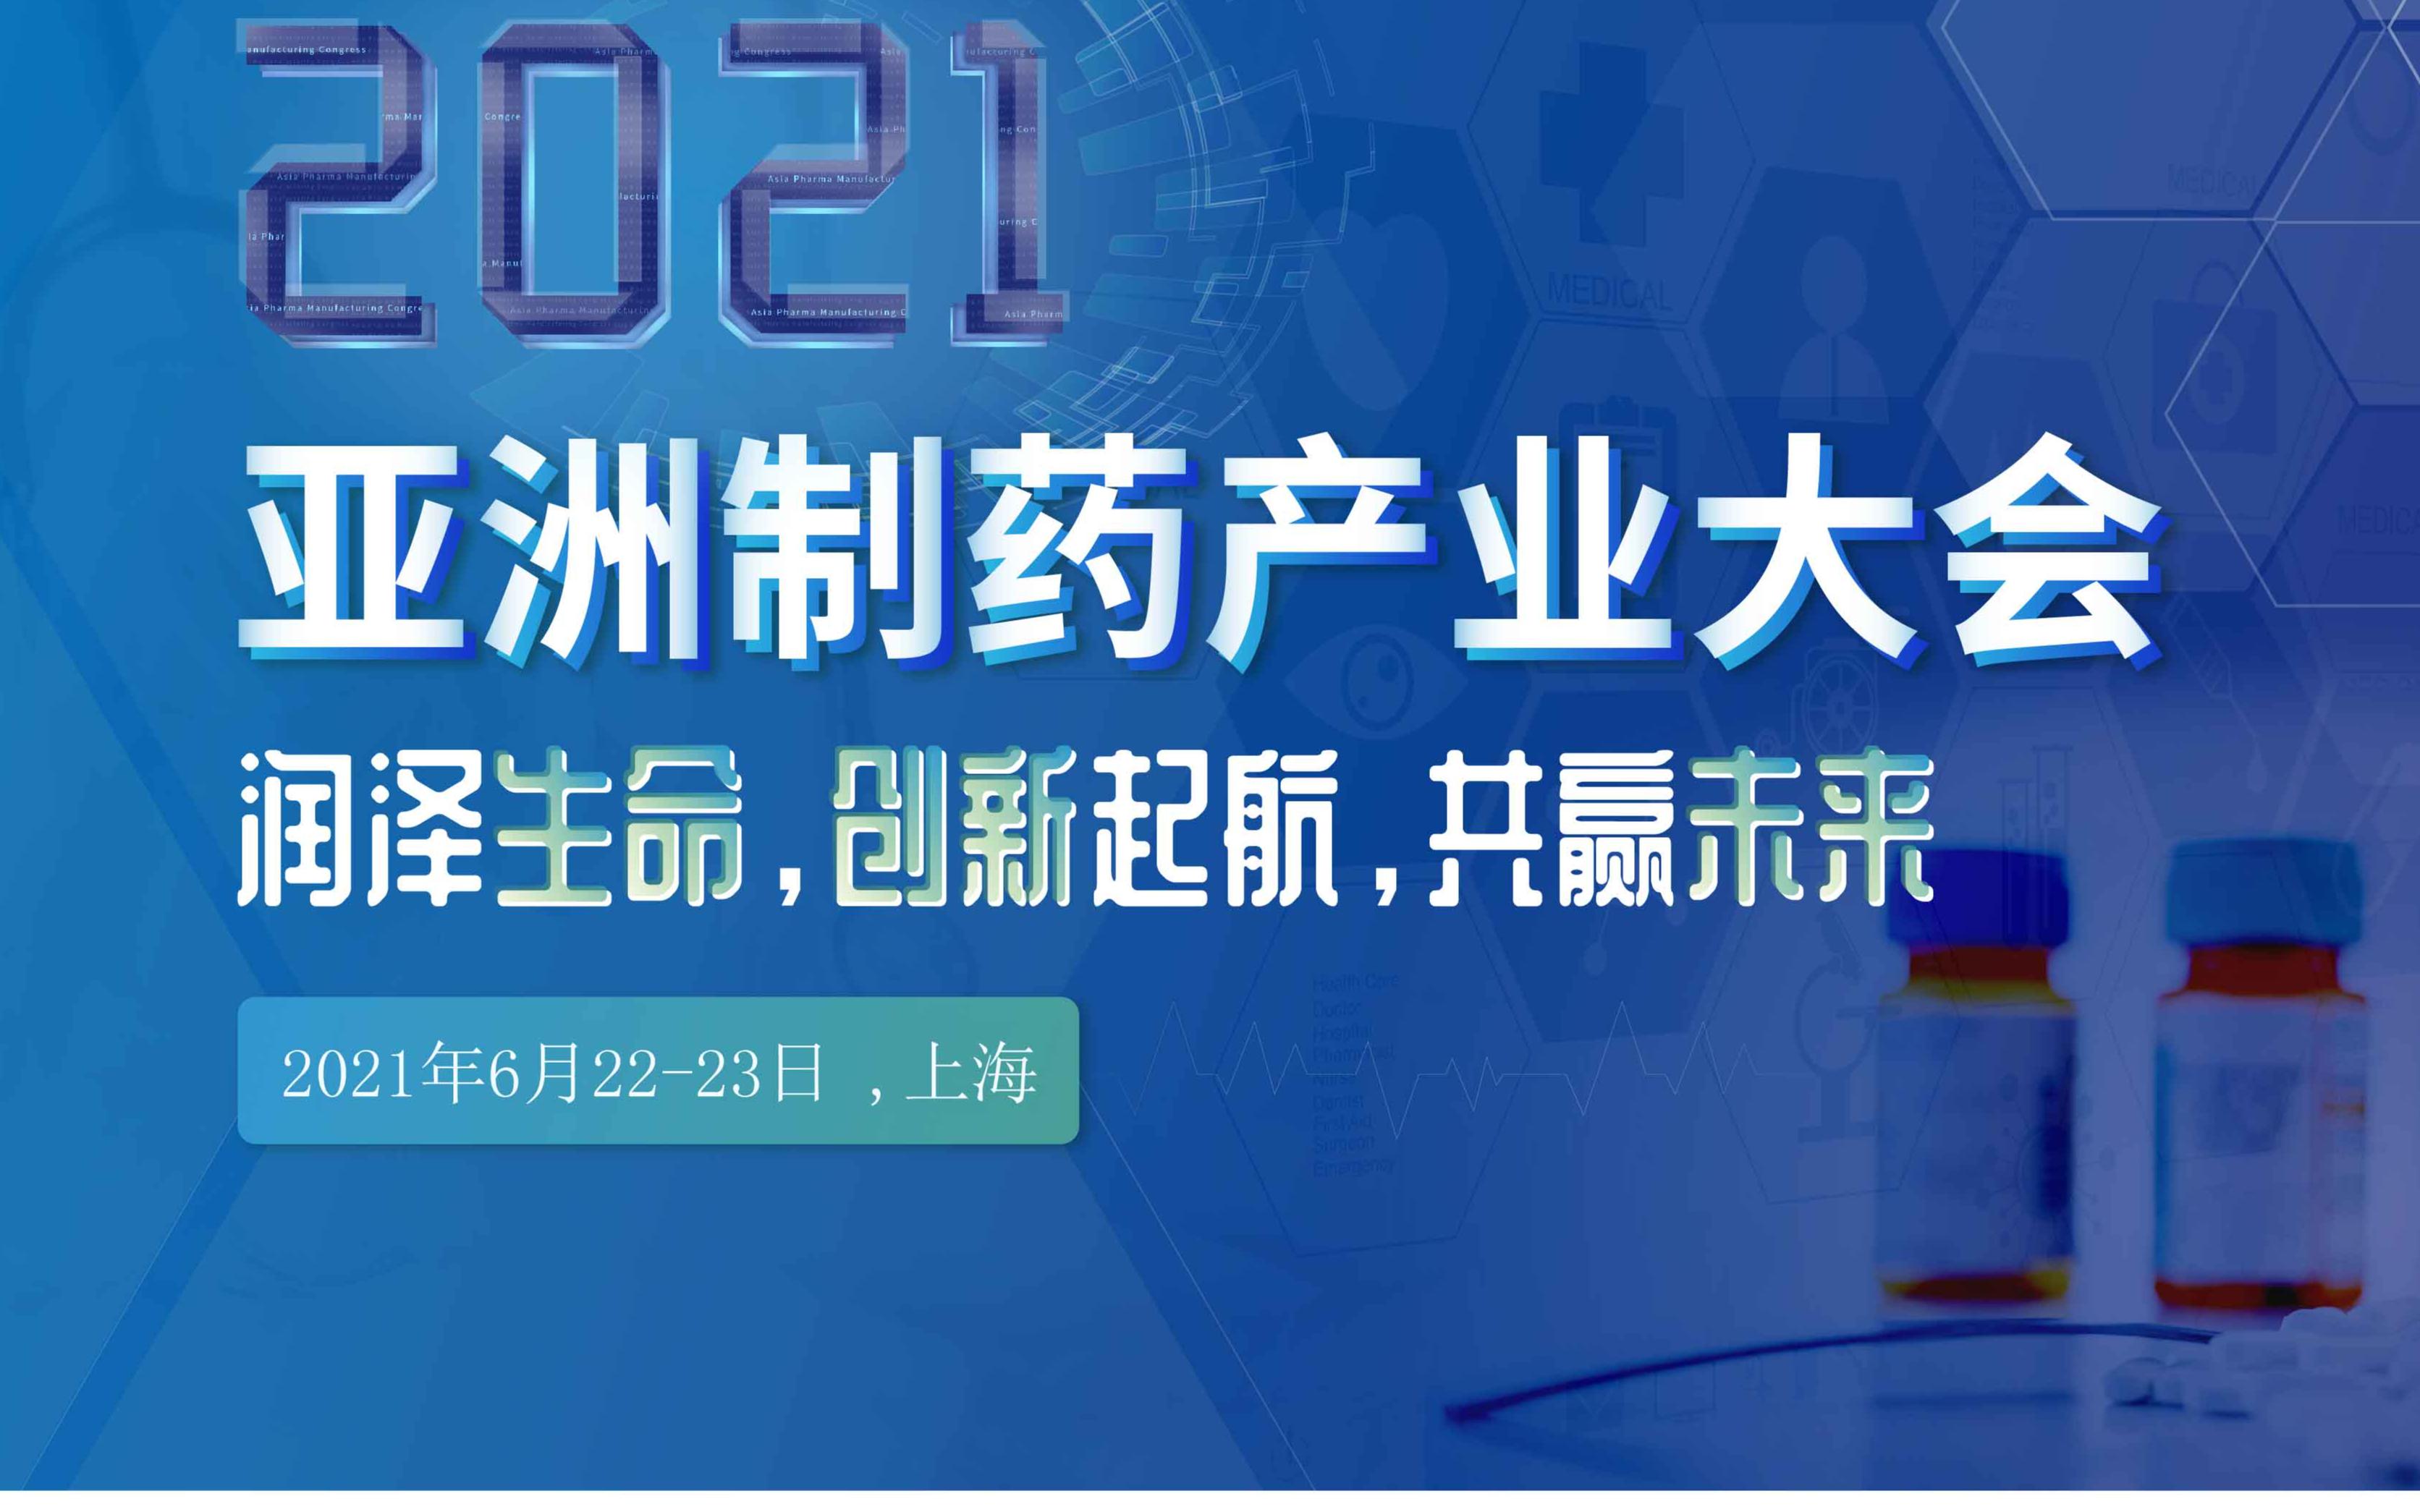 2021亚洲制药产业大会---6.22-23